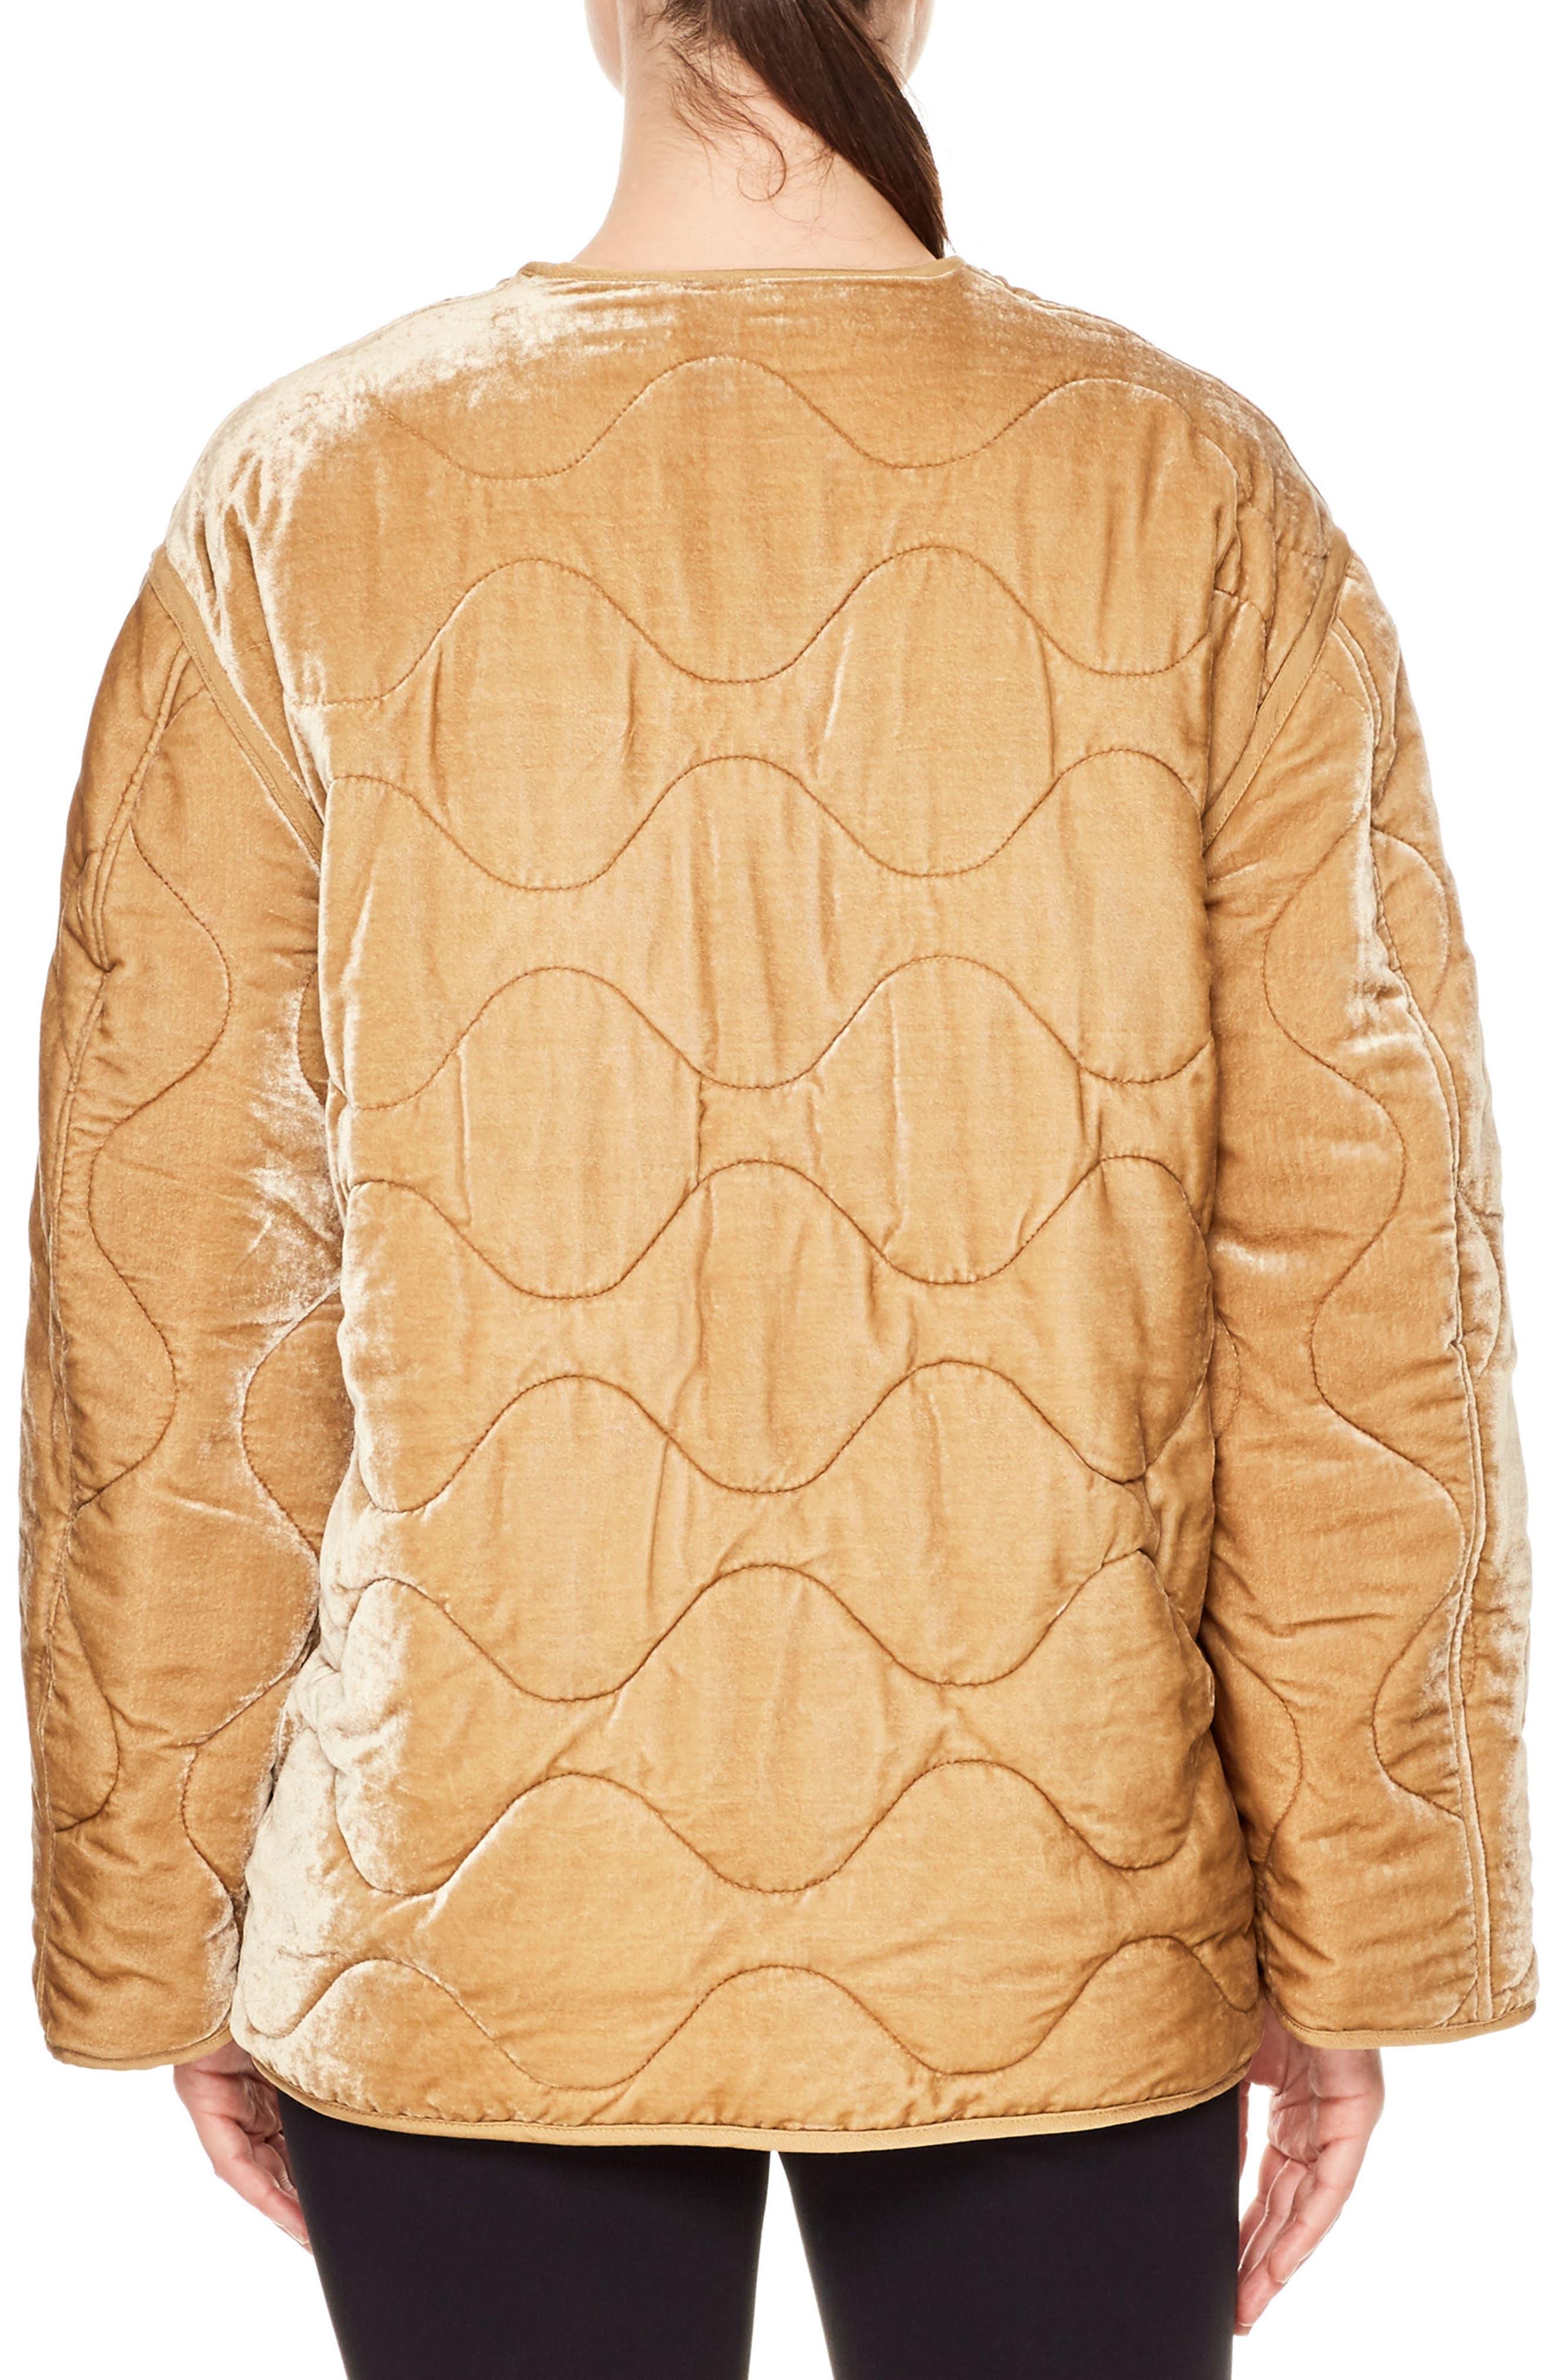 Reva Quilted Velvet Jacket,                             Alternate thumbnail 2, color,                             Beige